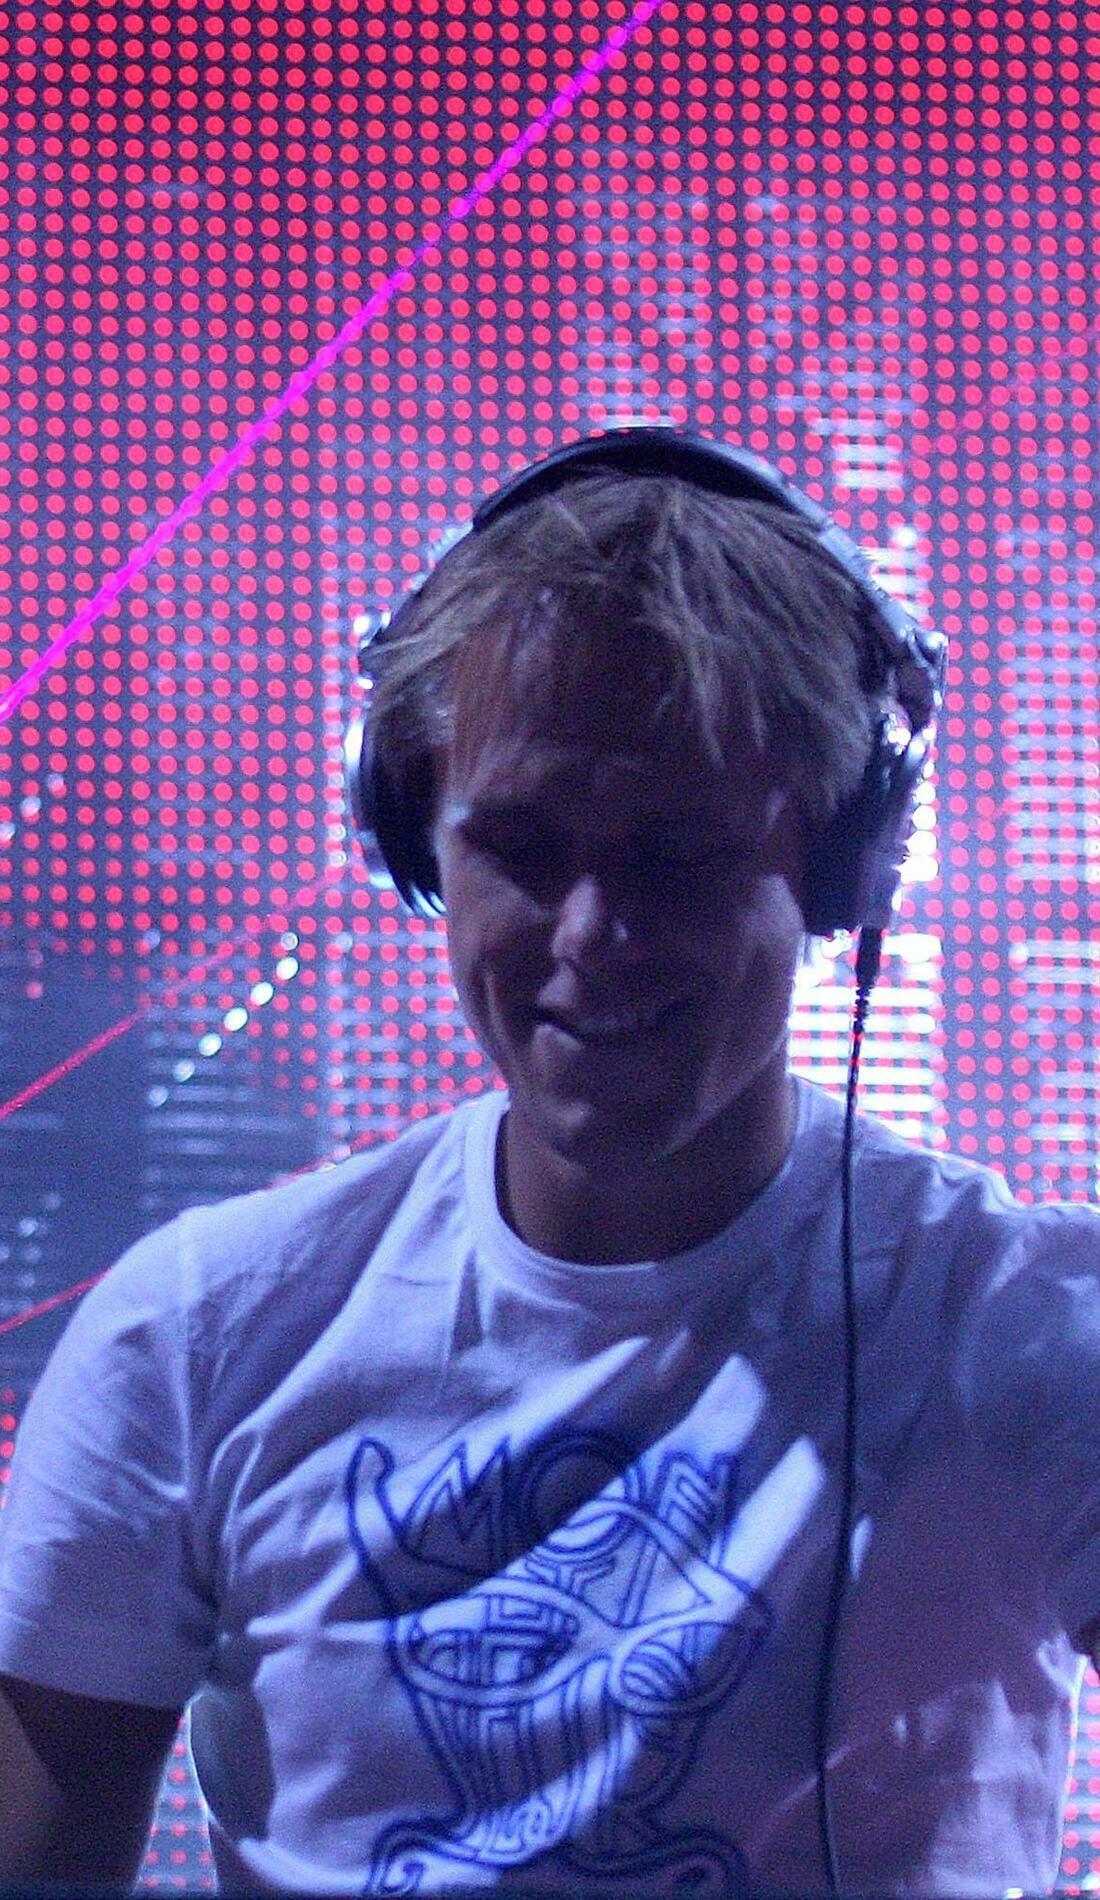 A Armin van Buuren live event